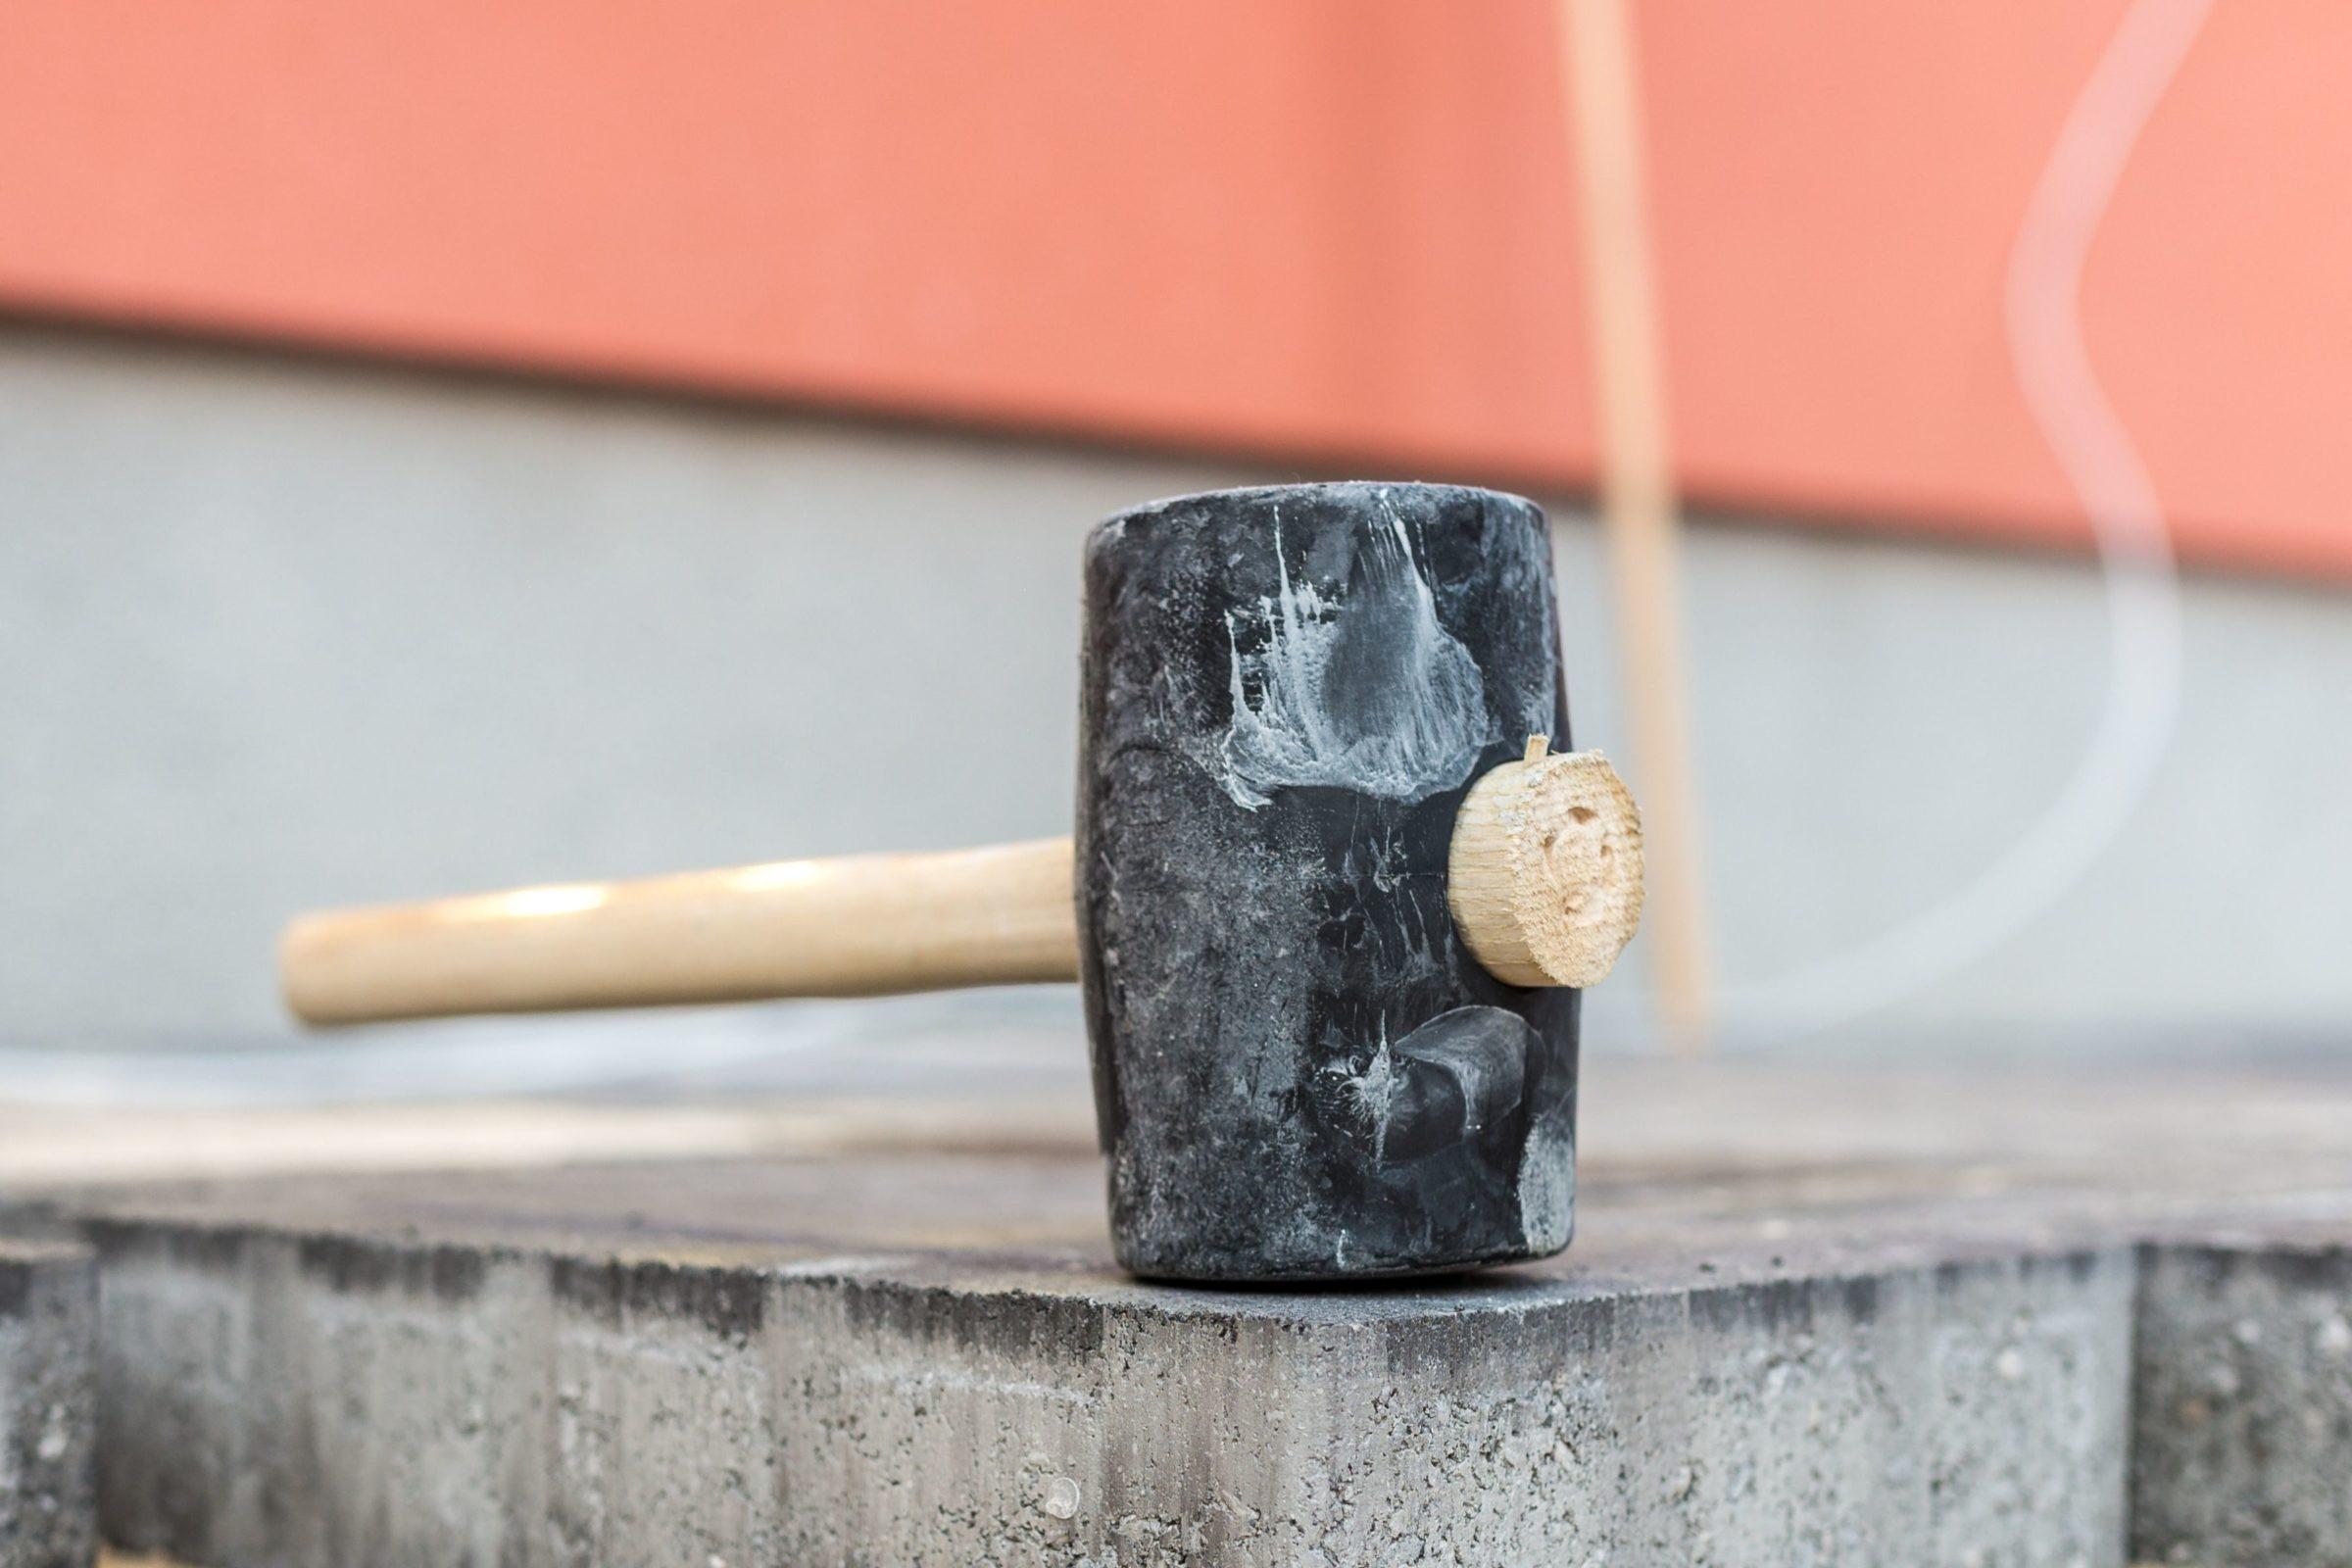 Trockene Zementflecken auf Pflaster mit Hammer abklopfen